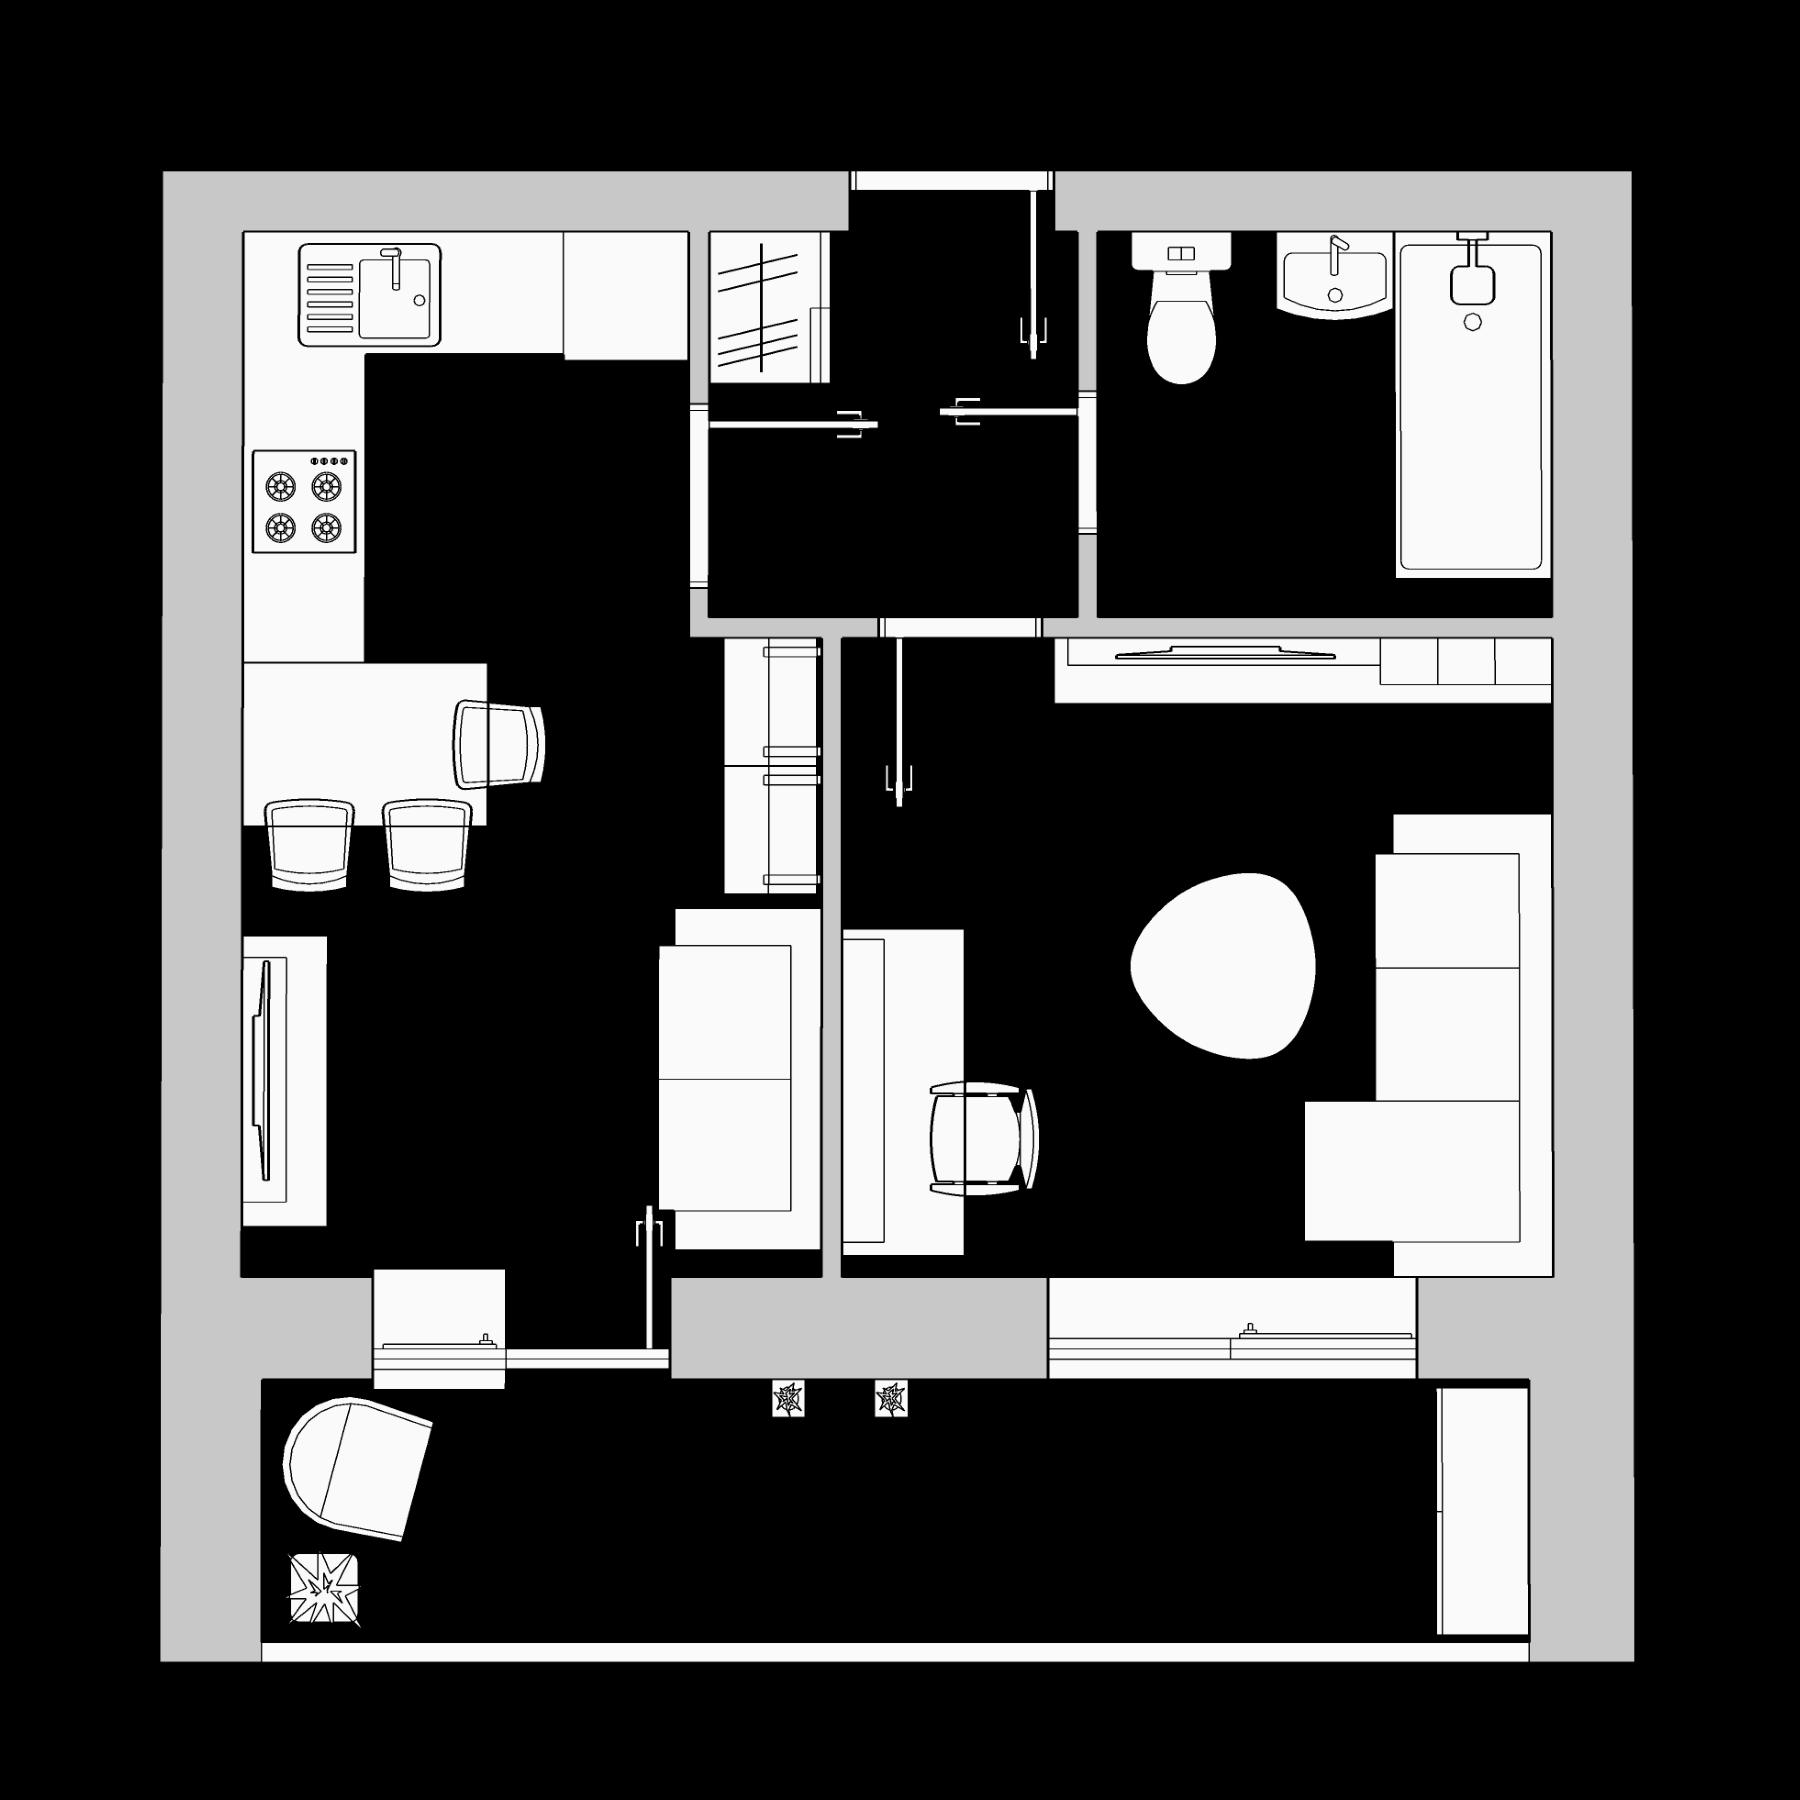 1-комнатная квартира 35.54